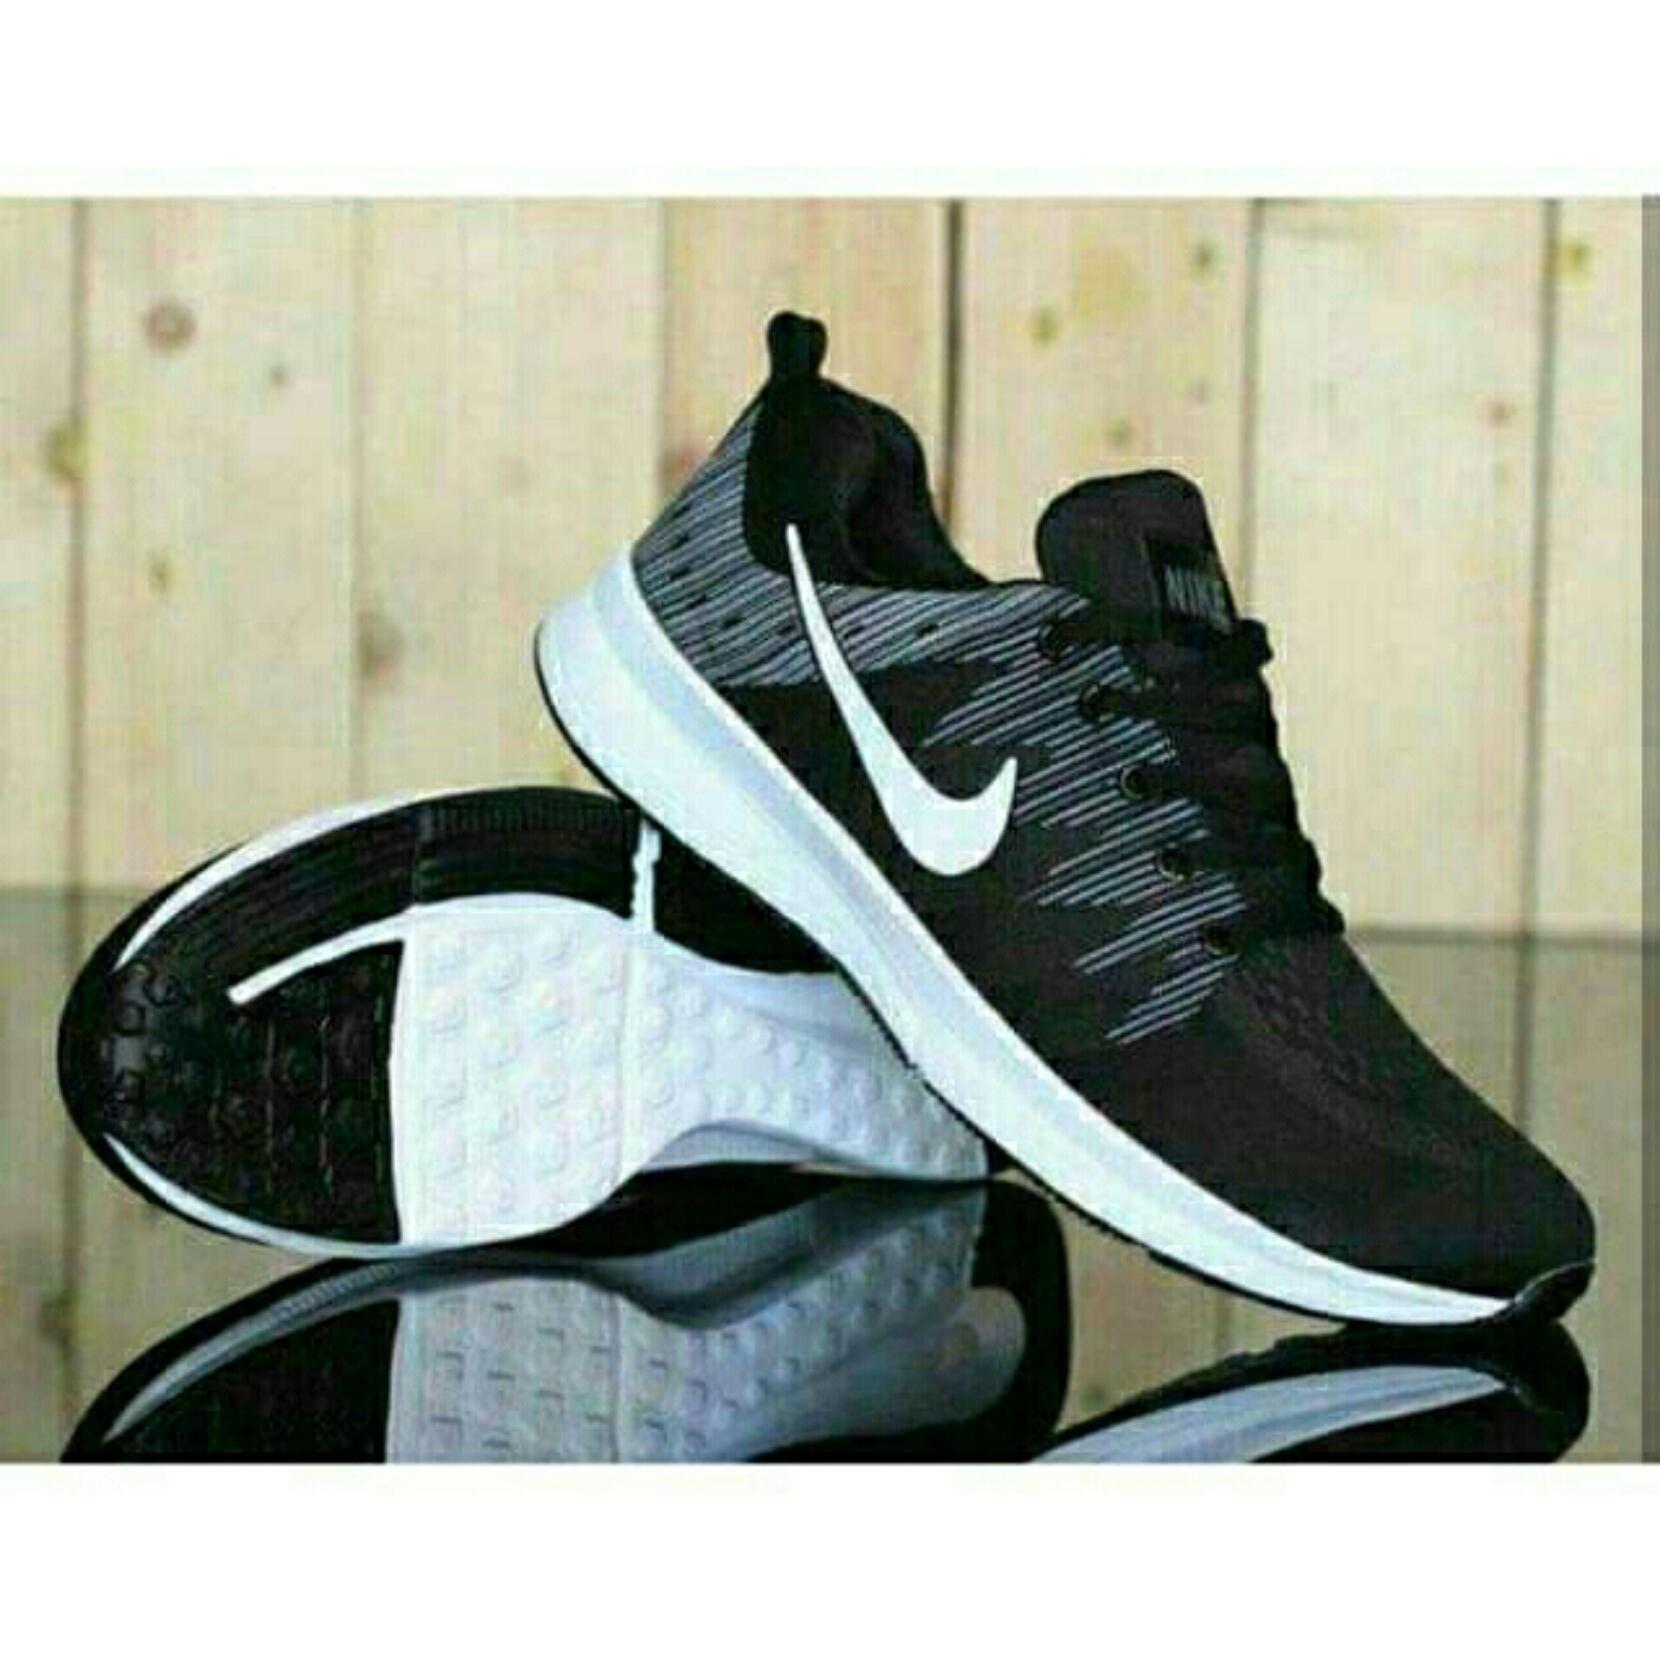 Sepatu wanita   sepatu pria  sepatu Nike Hits 03 Indonesia 4a68f7648b